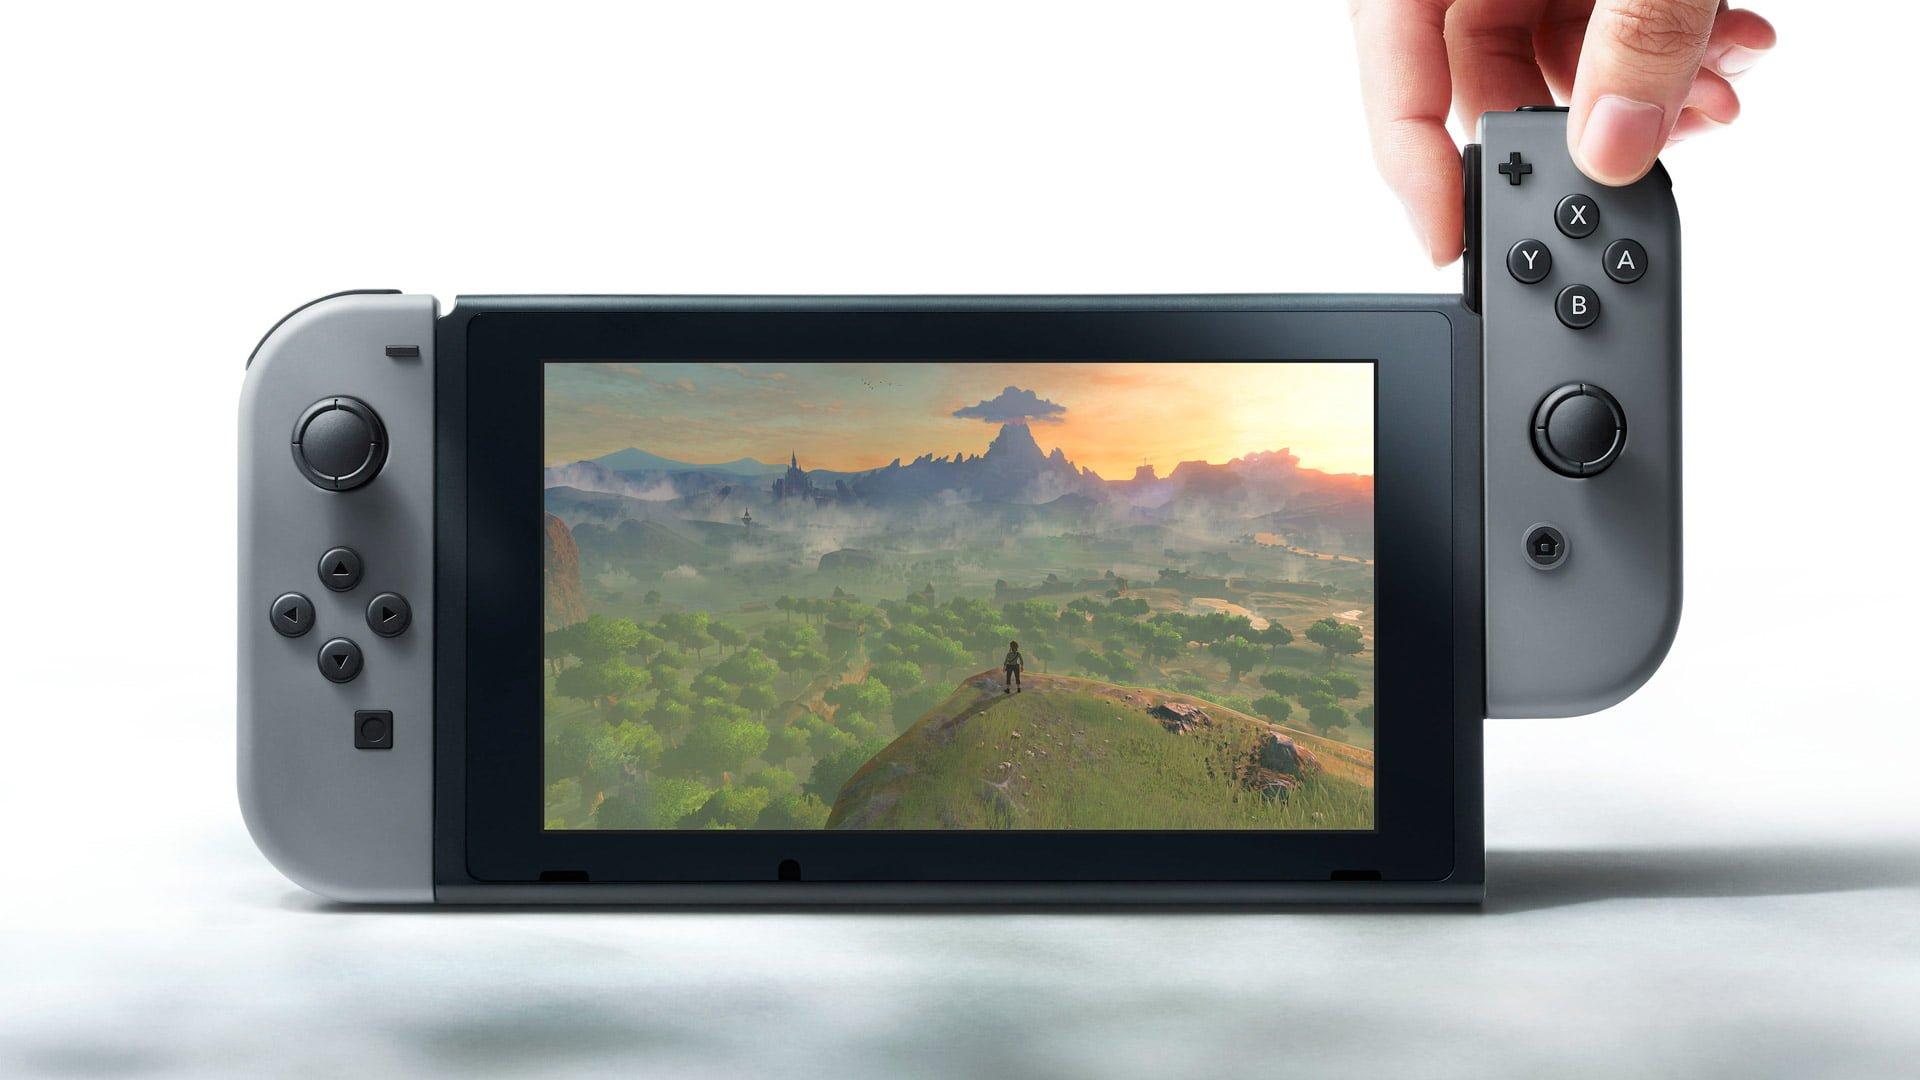 La console Nintendo Switch vient de battre le record de démarrage de la Wii